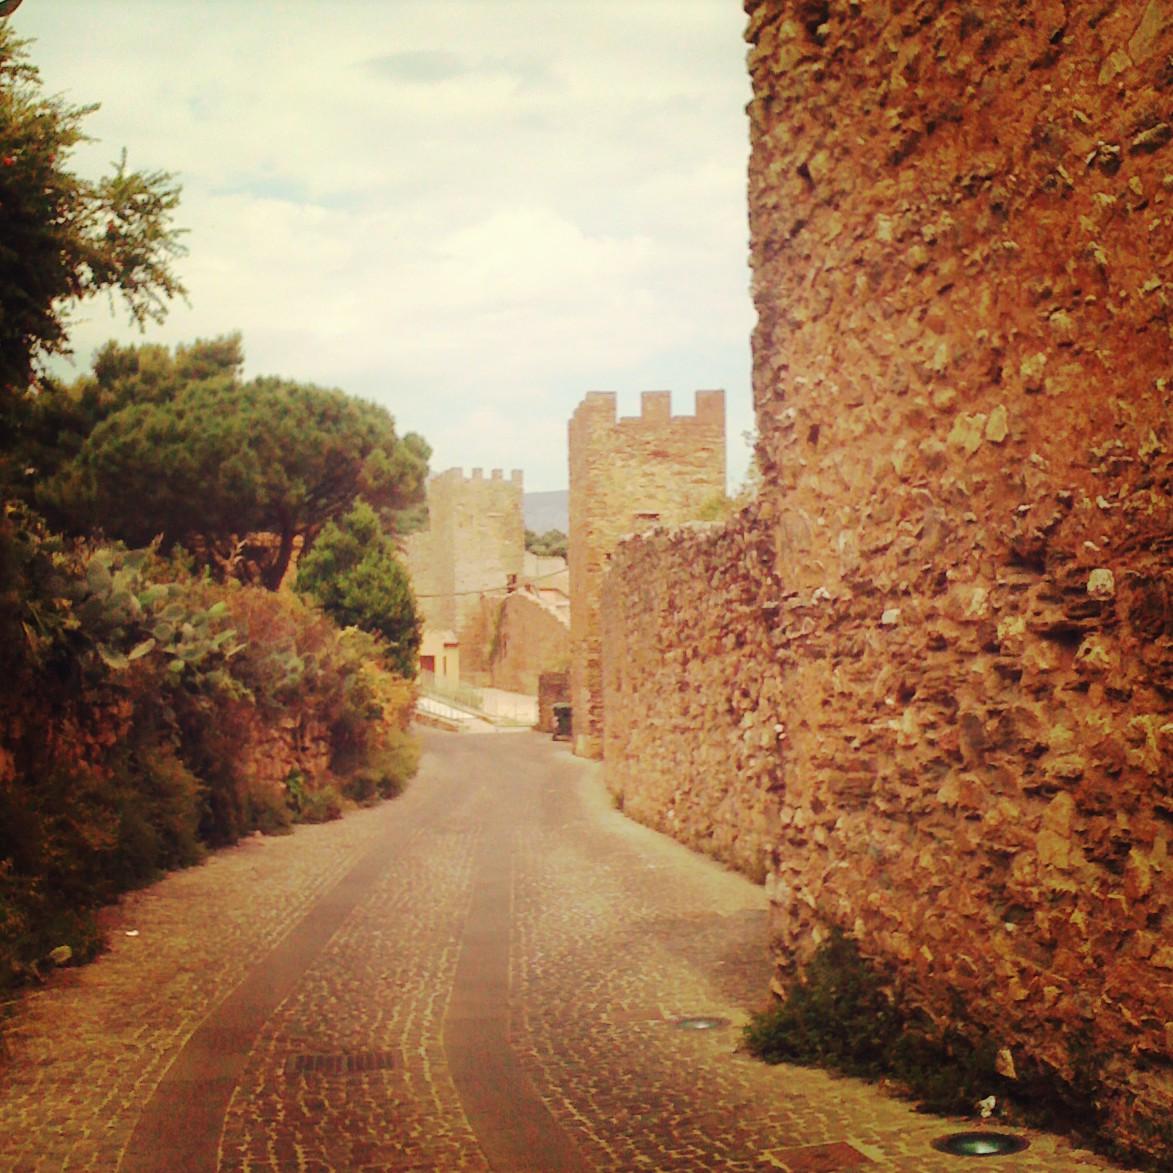 Le Mura E Salvaterra Pisane Del Iglesias Castello Libro Fiera Di Il CshtrxodQB